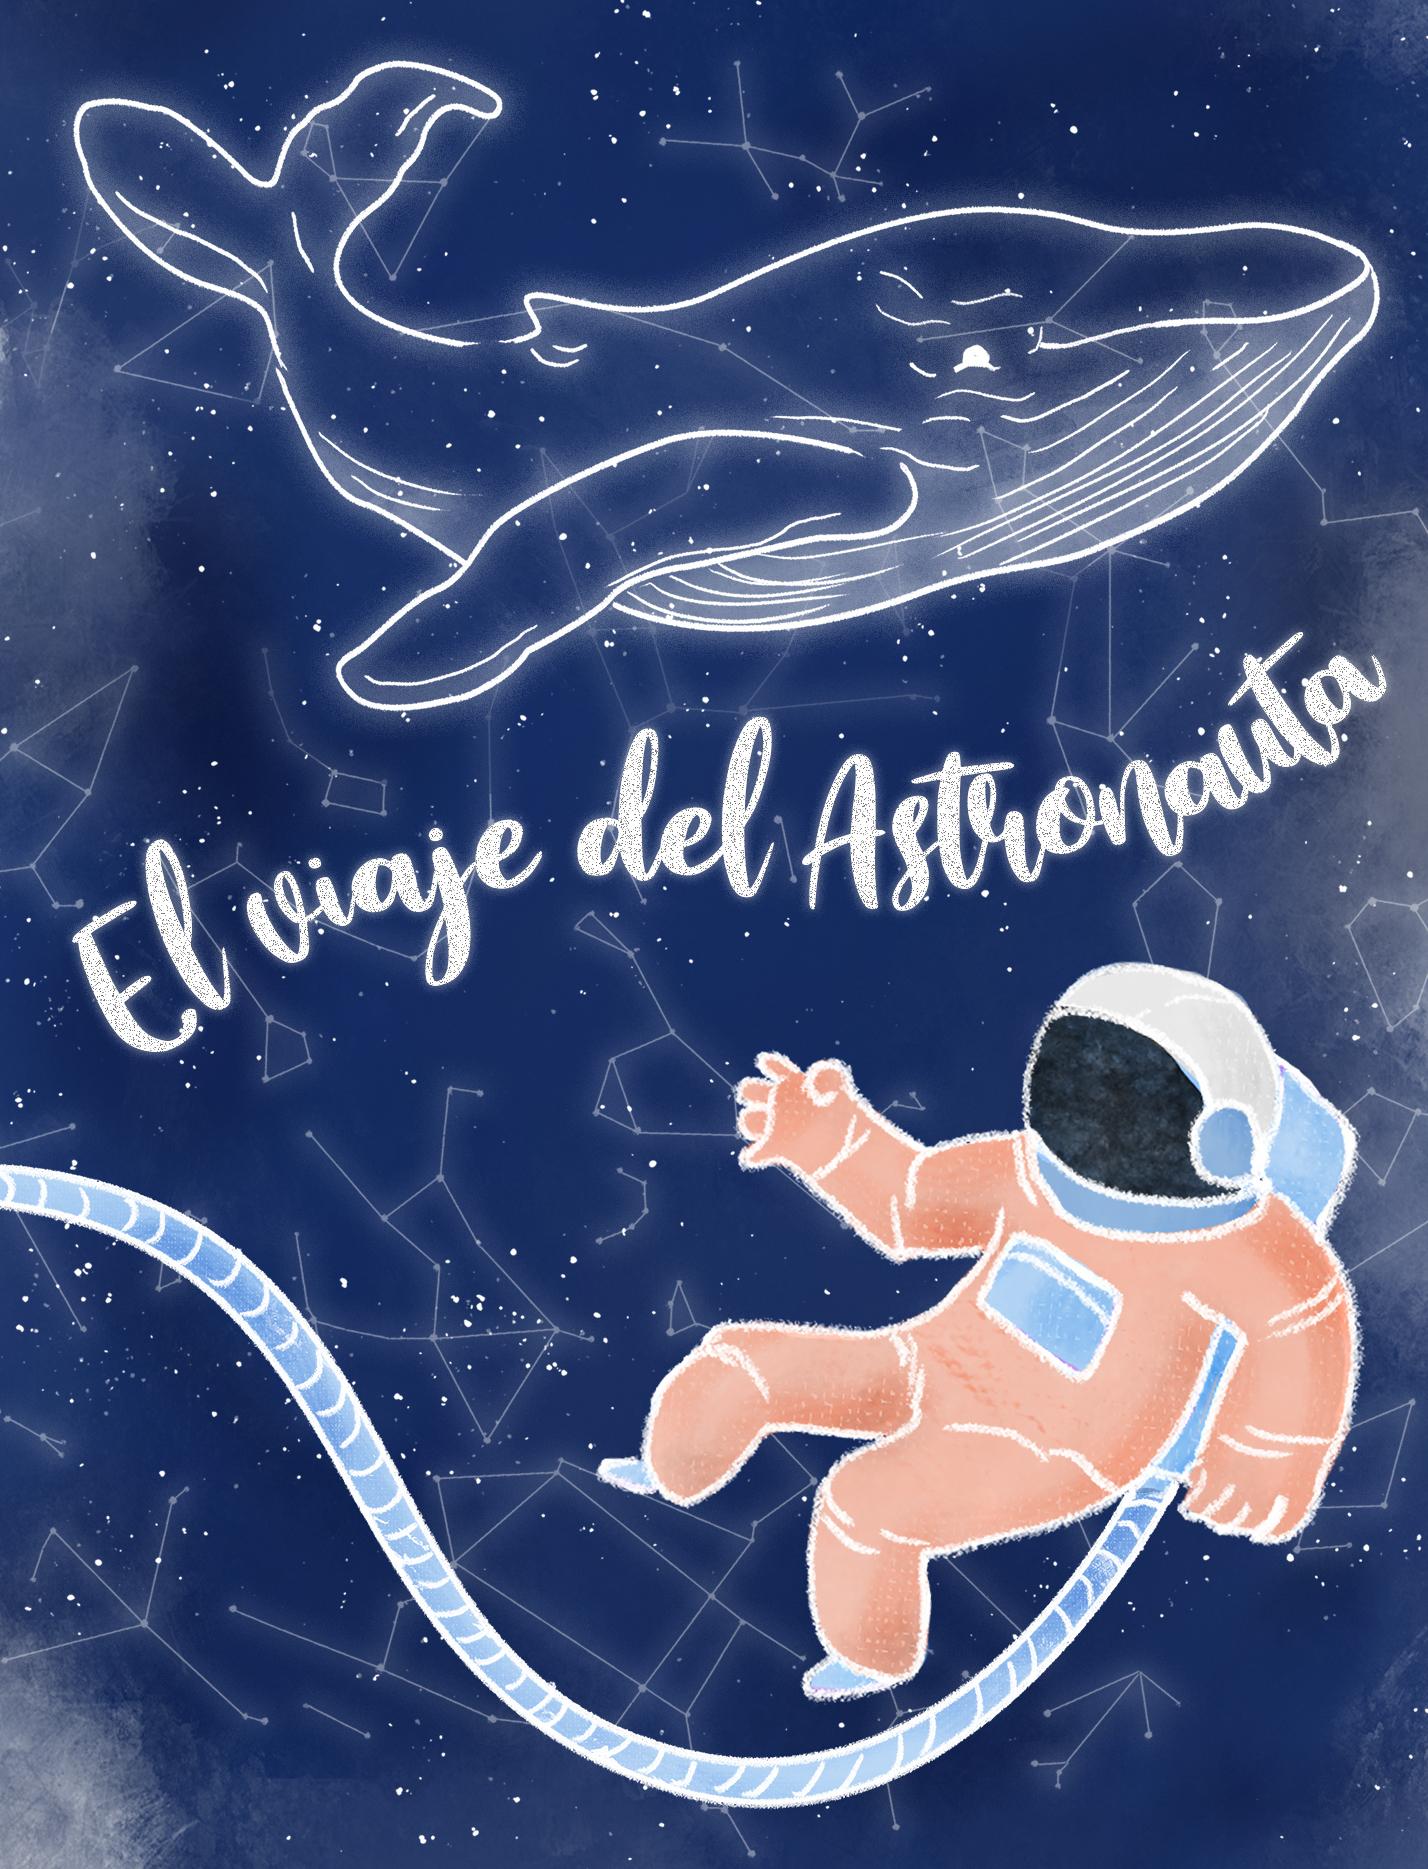 Escape room El viaje del Astronauta